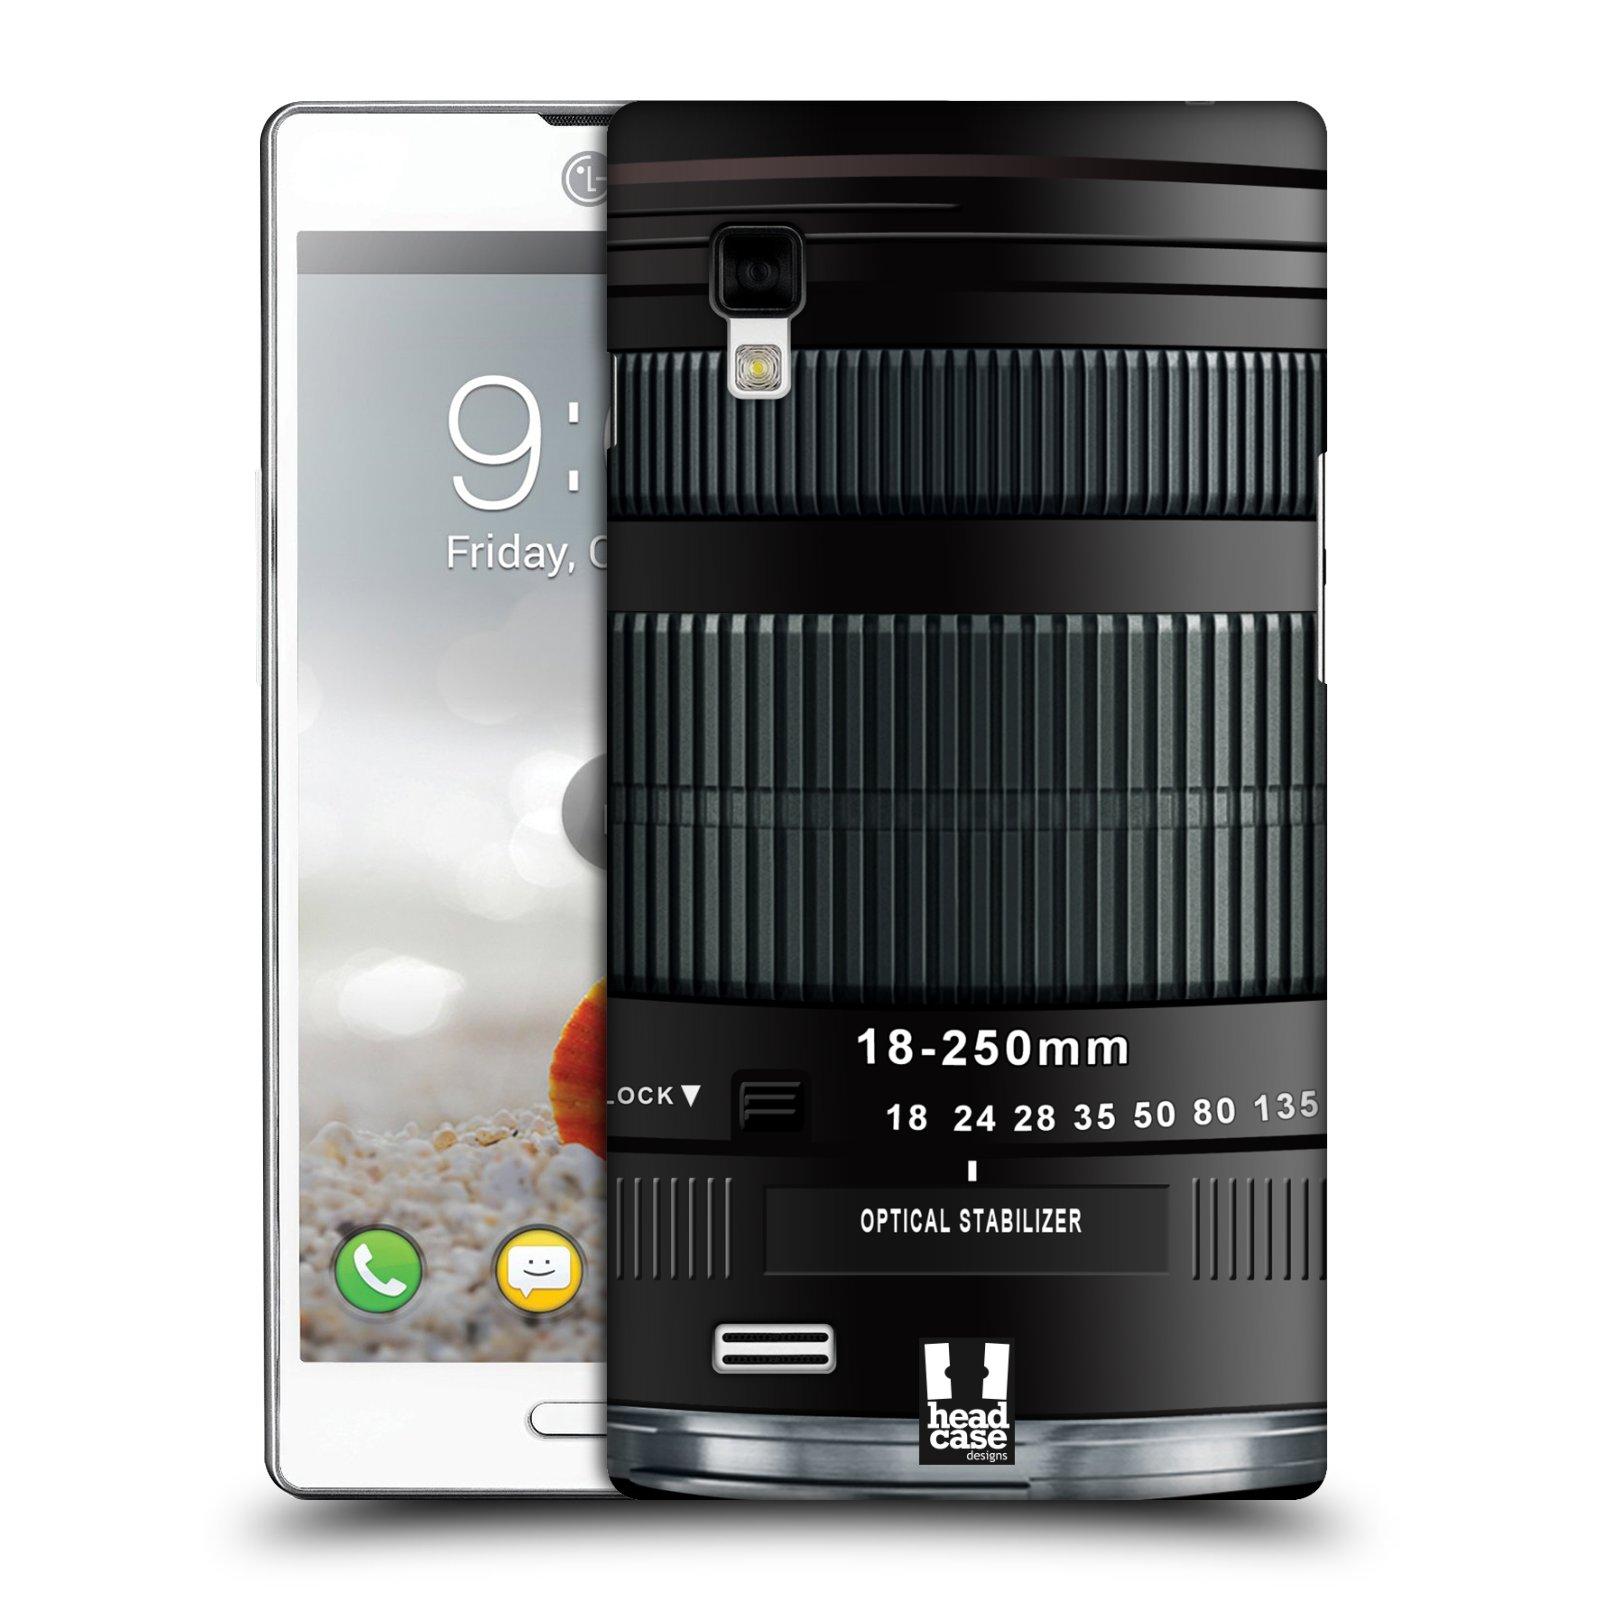 HEAD CASE DESIGNS CAMERA LENS CASE COVER FOR LG OPTIMUS L9 P760 P765 P768